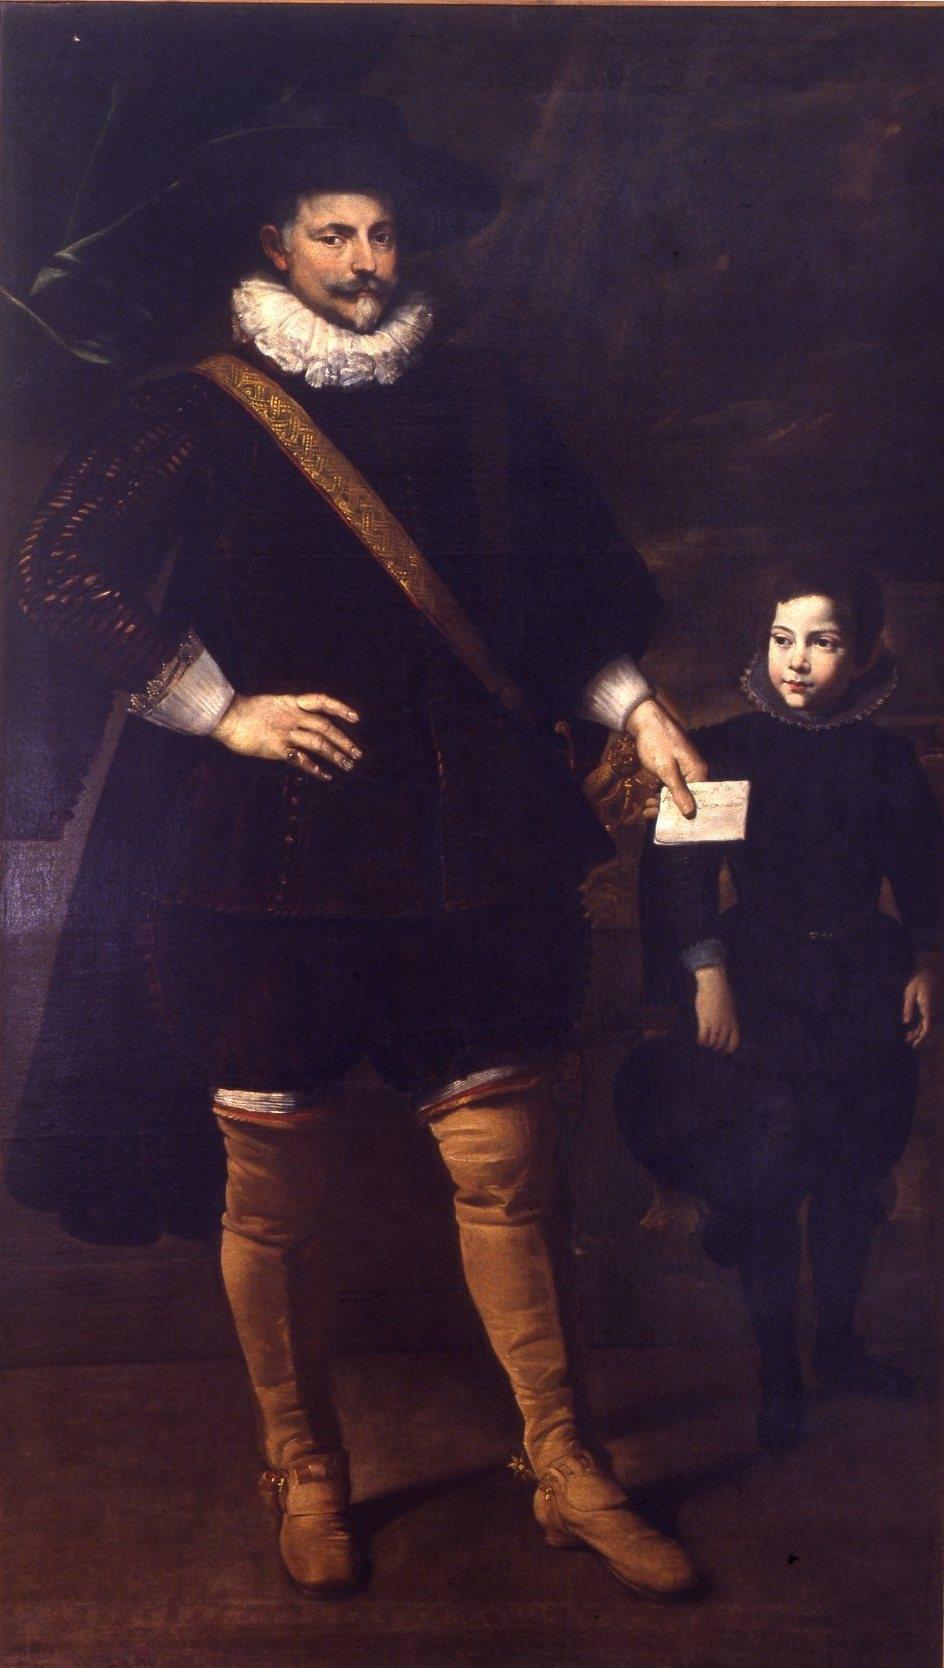 Domenico Fiasella (1589-1669), Portrait of Agostino and Ansaldo Pallavicino. Galleria Nazionale di Palazzo Spinola, Genoa